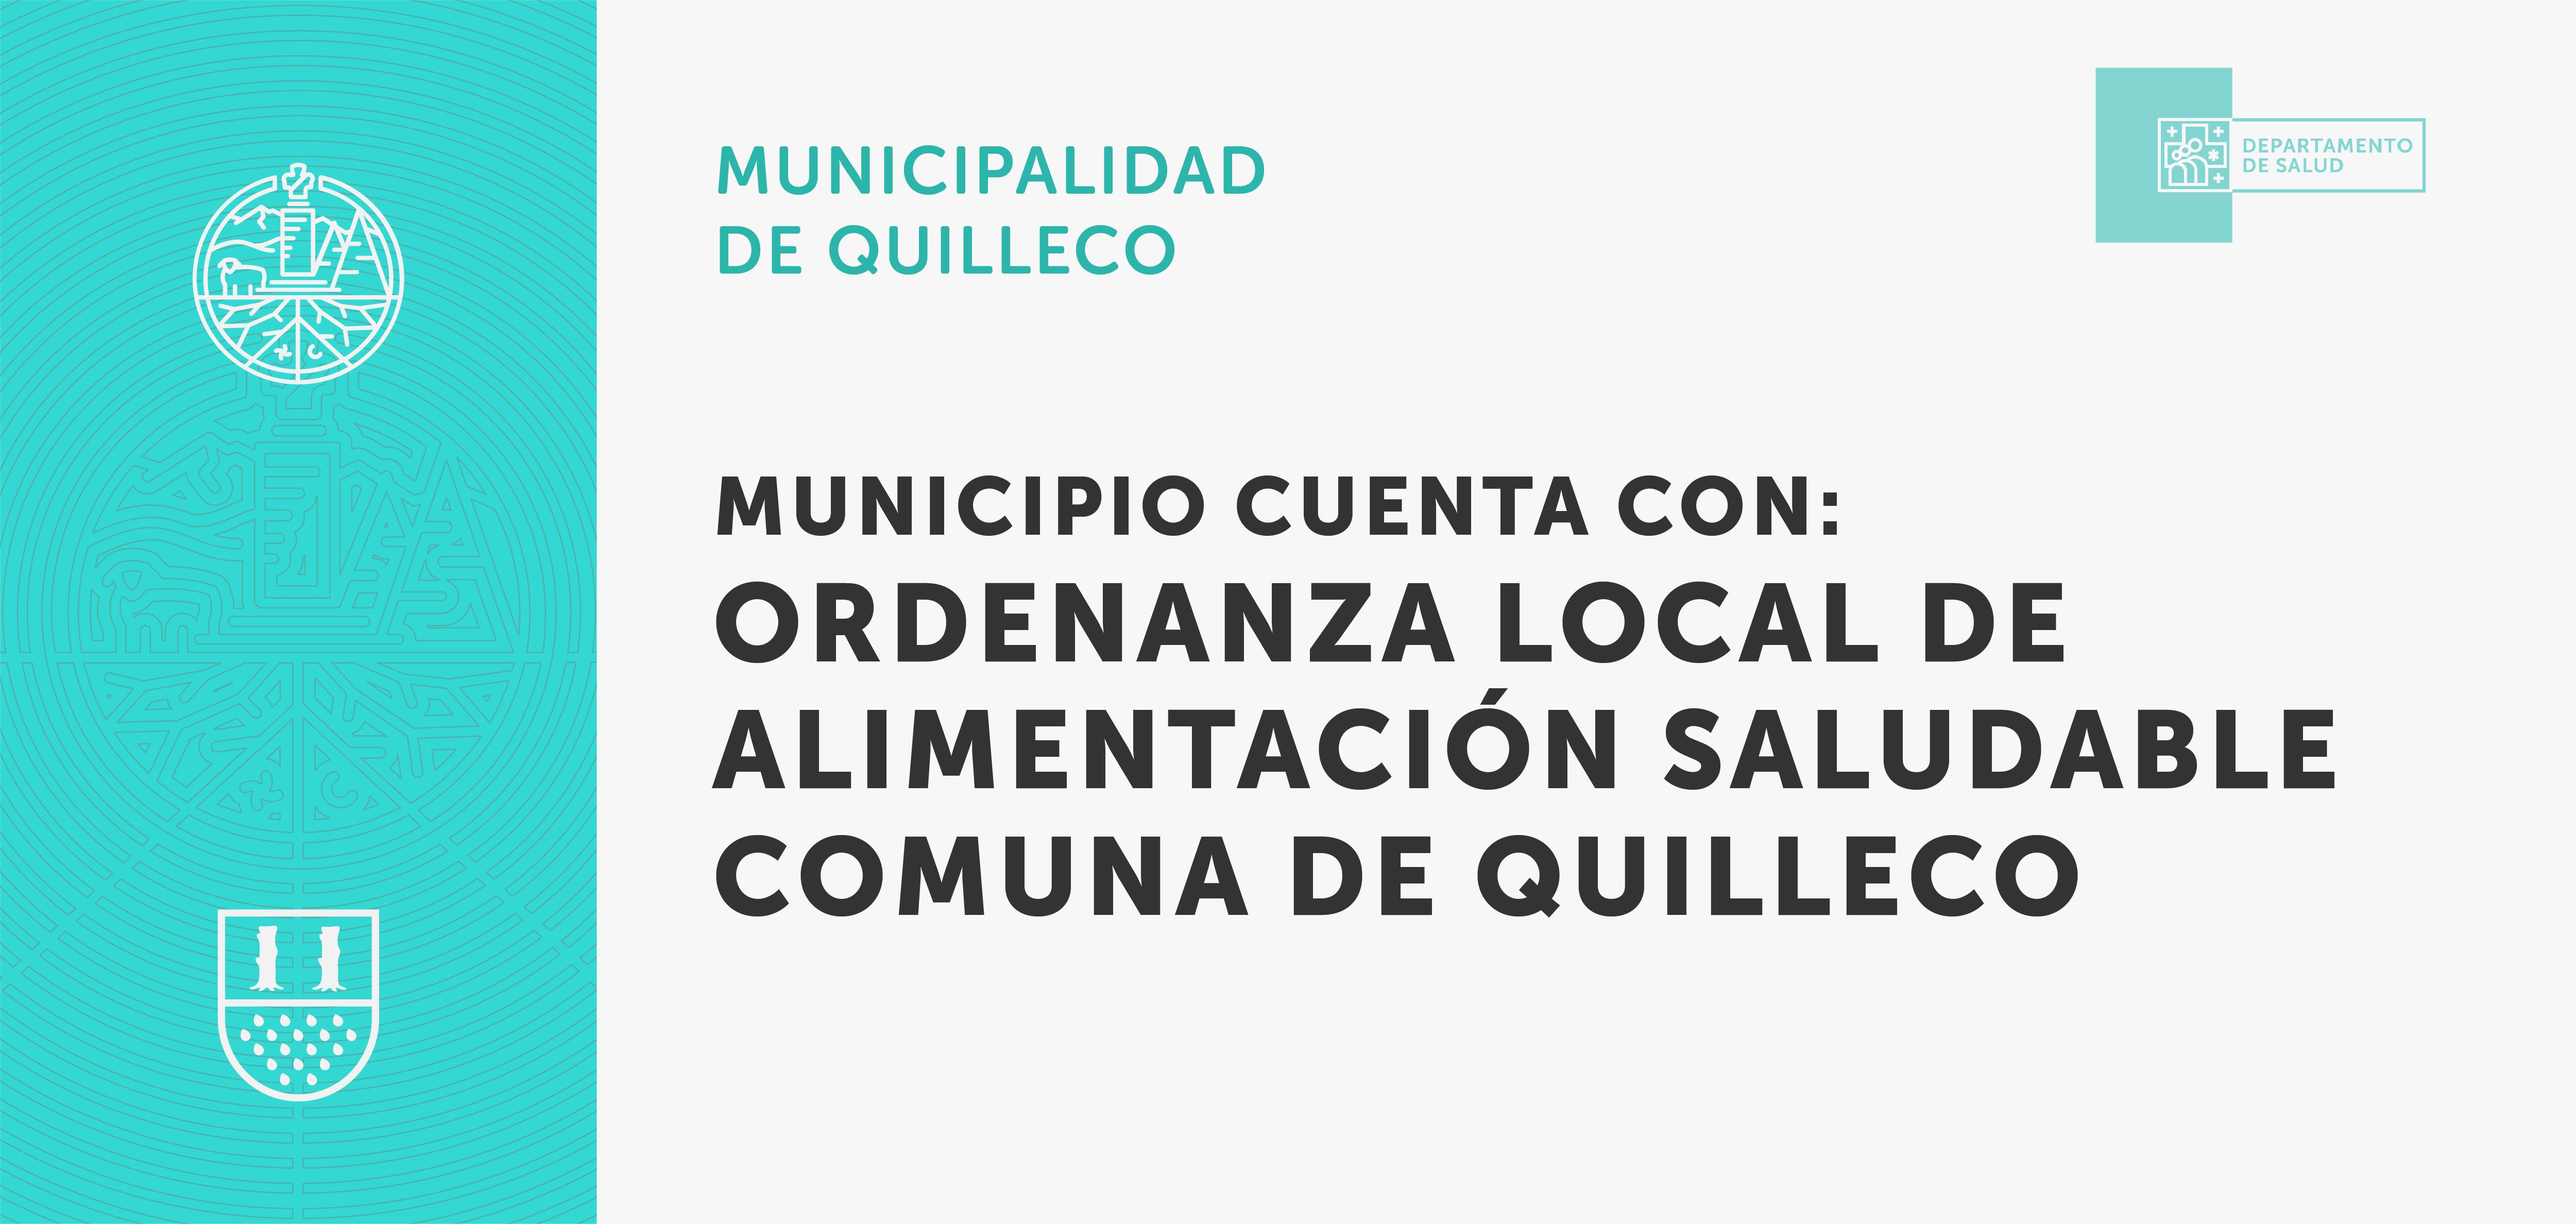 Municipio cuenta con ordenanza local de alimentación saludable comuna de Quilleco